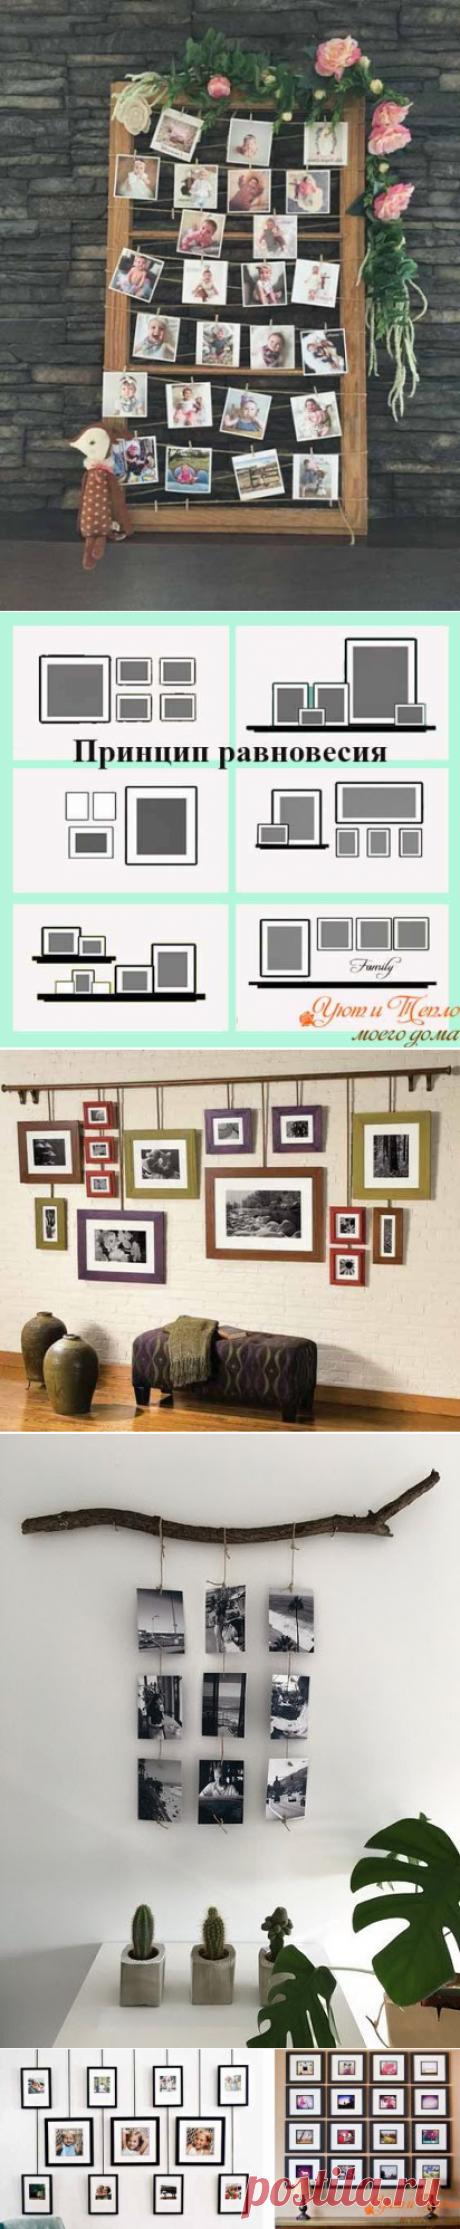 Как разместить фотографии на стене красиво и правильно | Уют и тепло моего дома